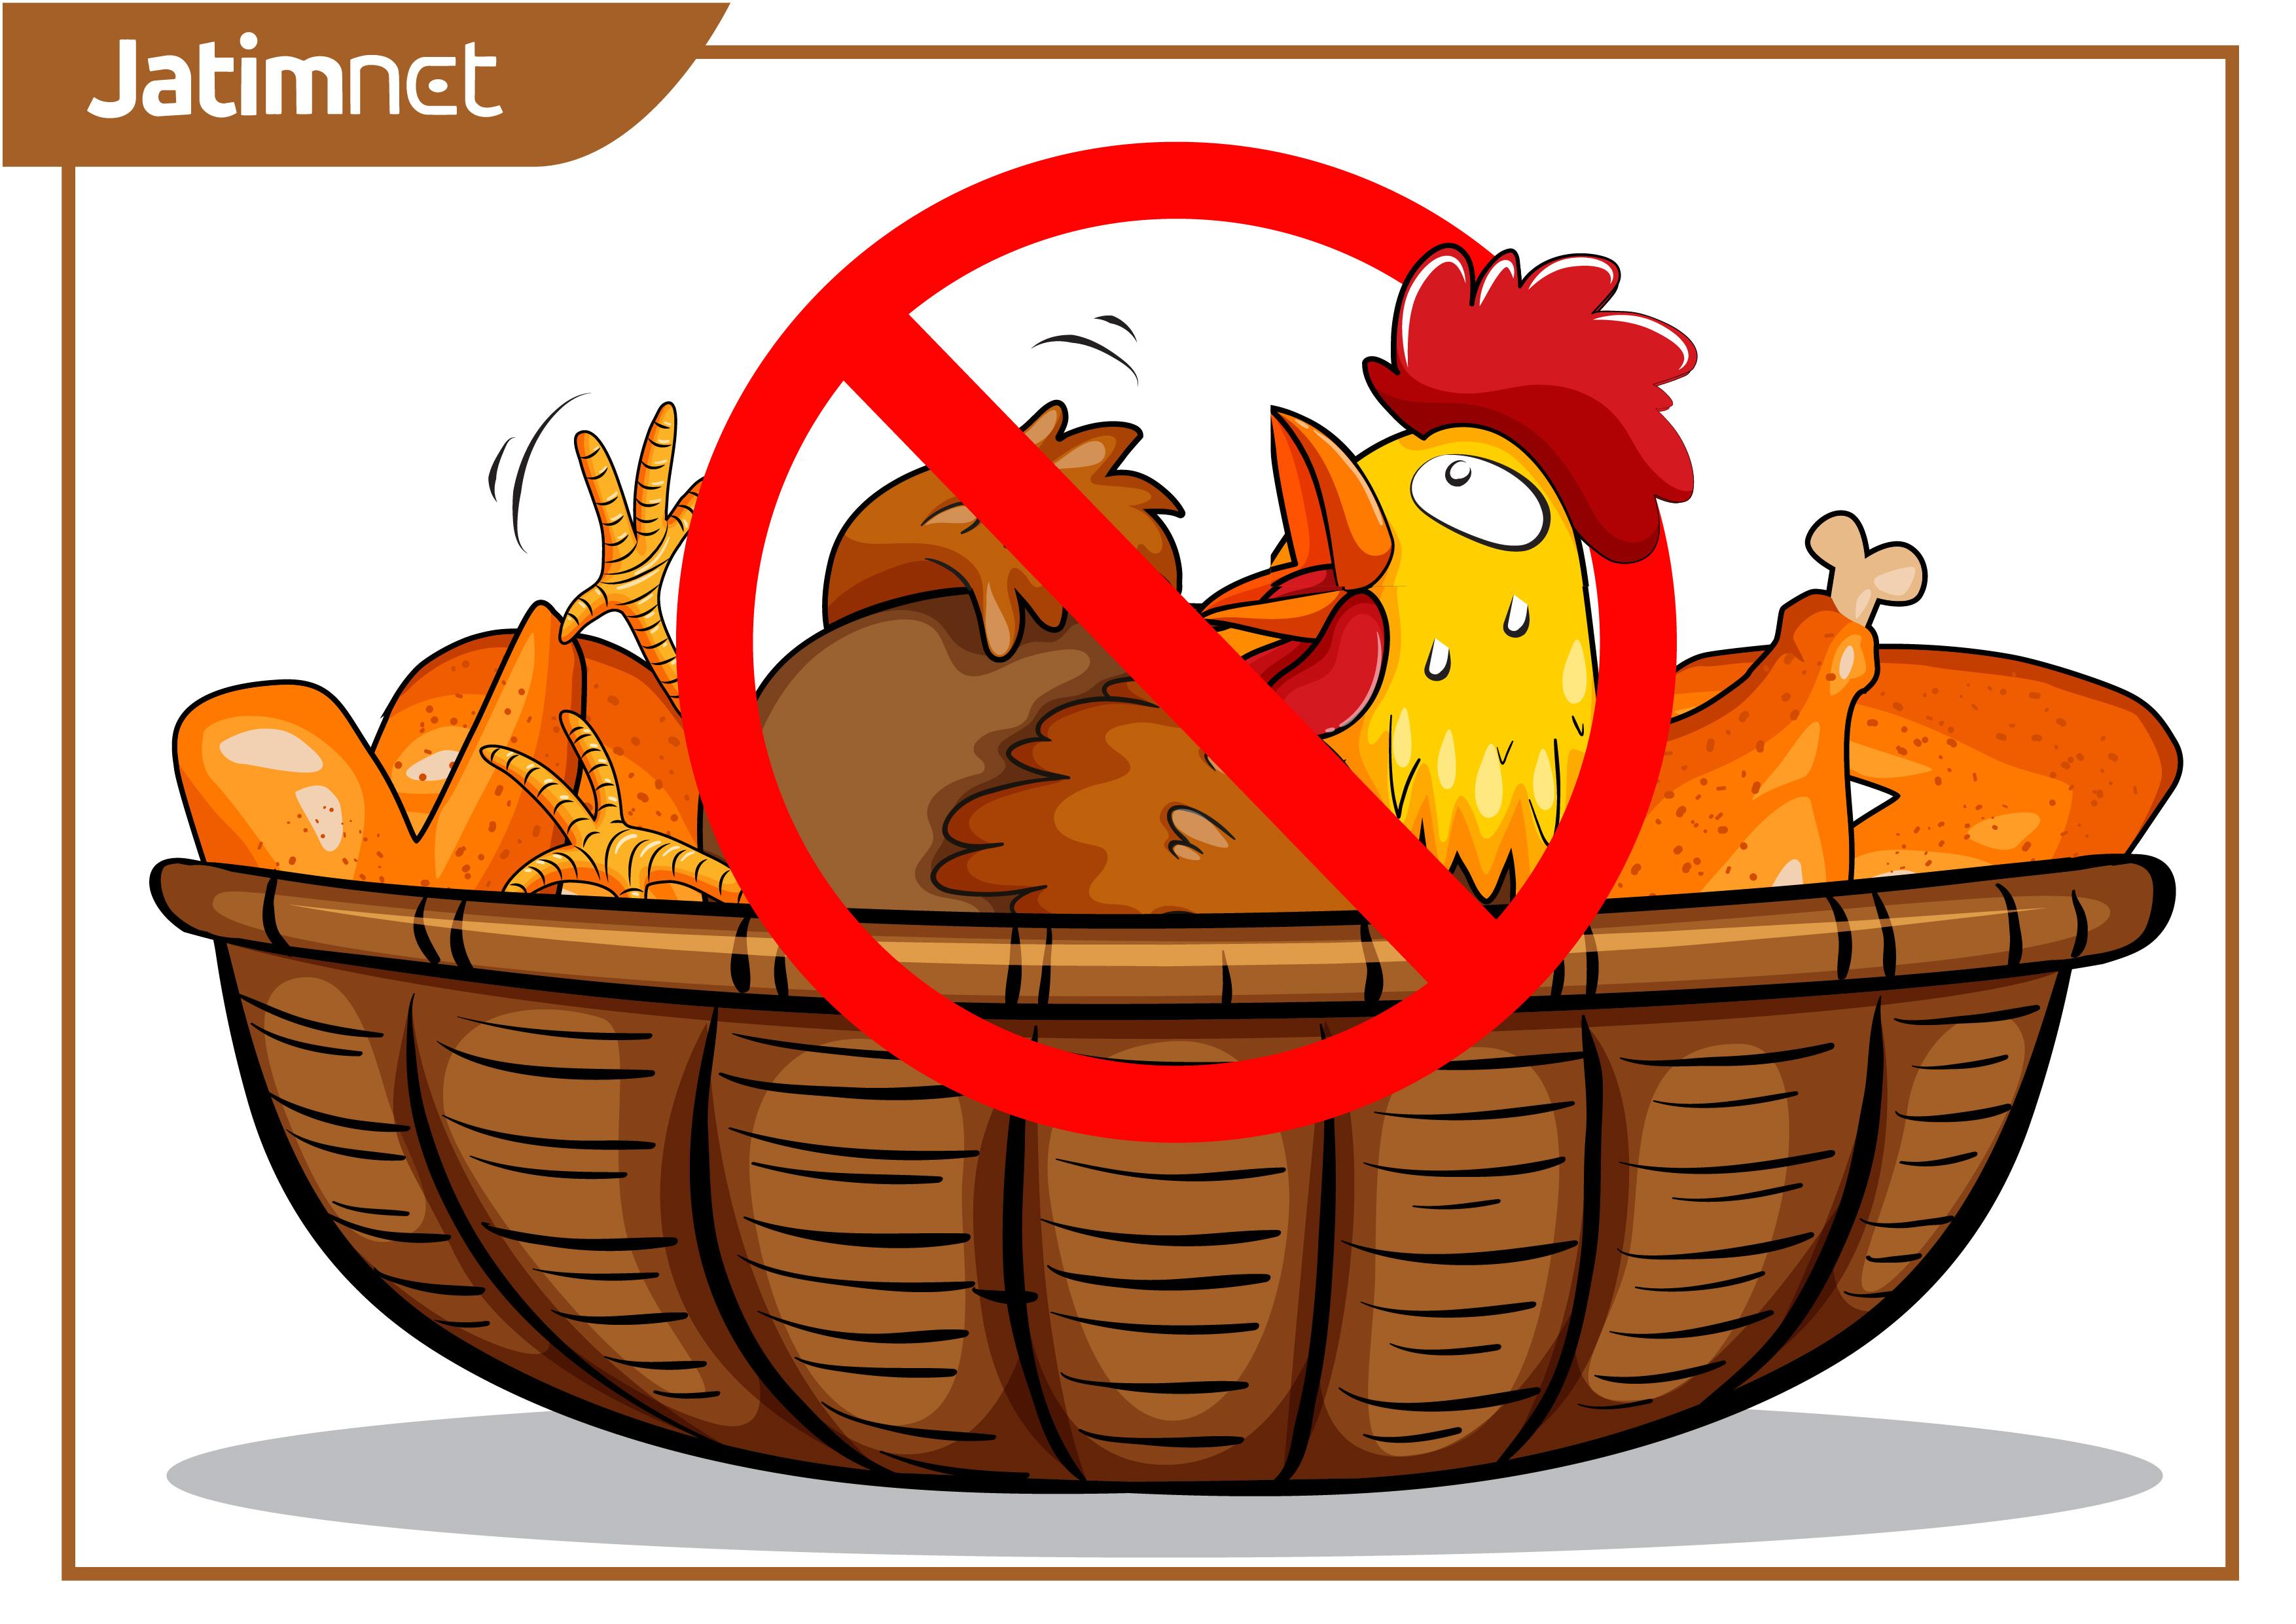 Pemkot Kaji Kemungkinan Perda Larangan Ayam Hidup Masuk Pasar